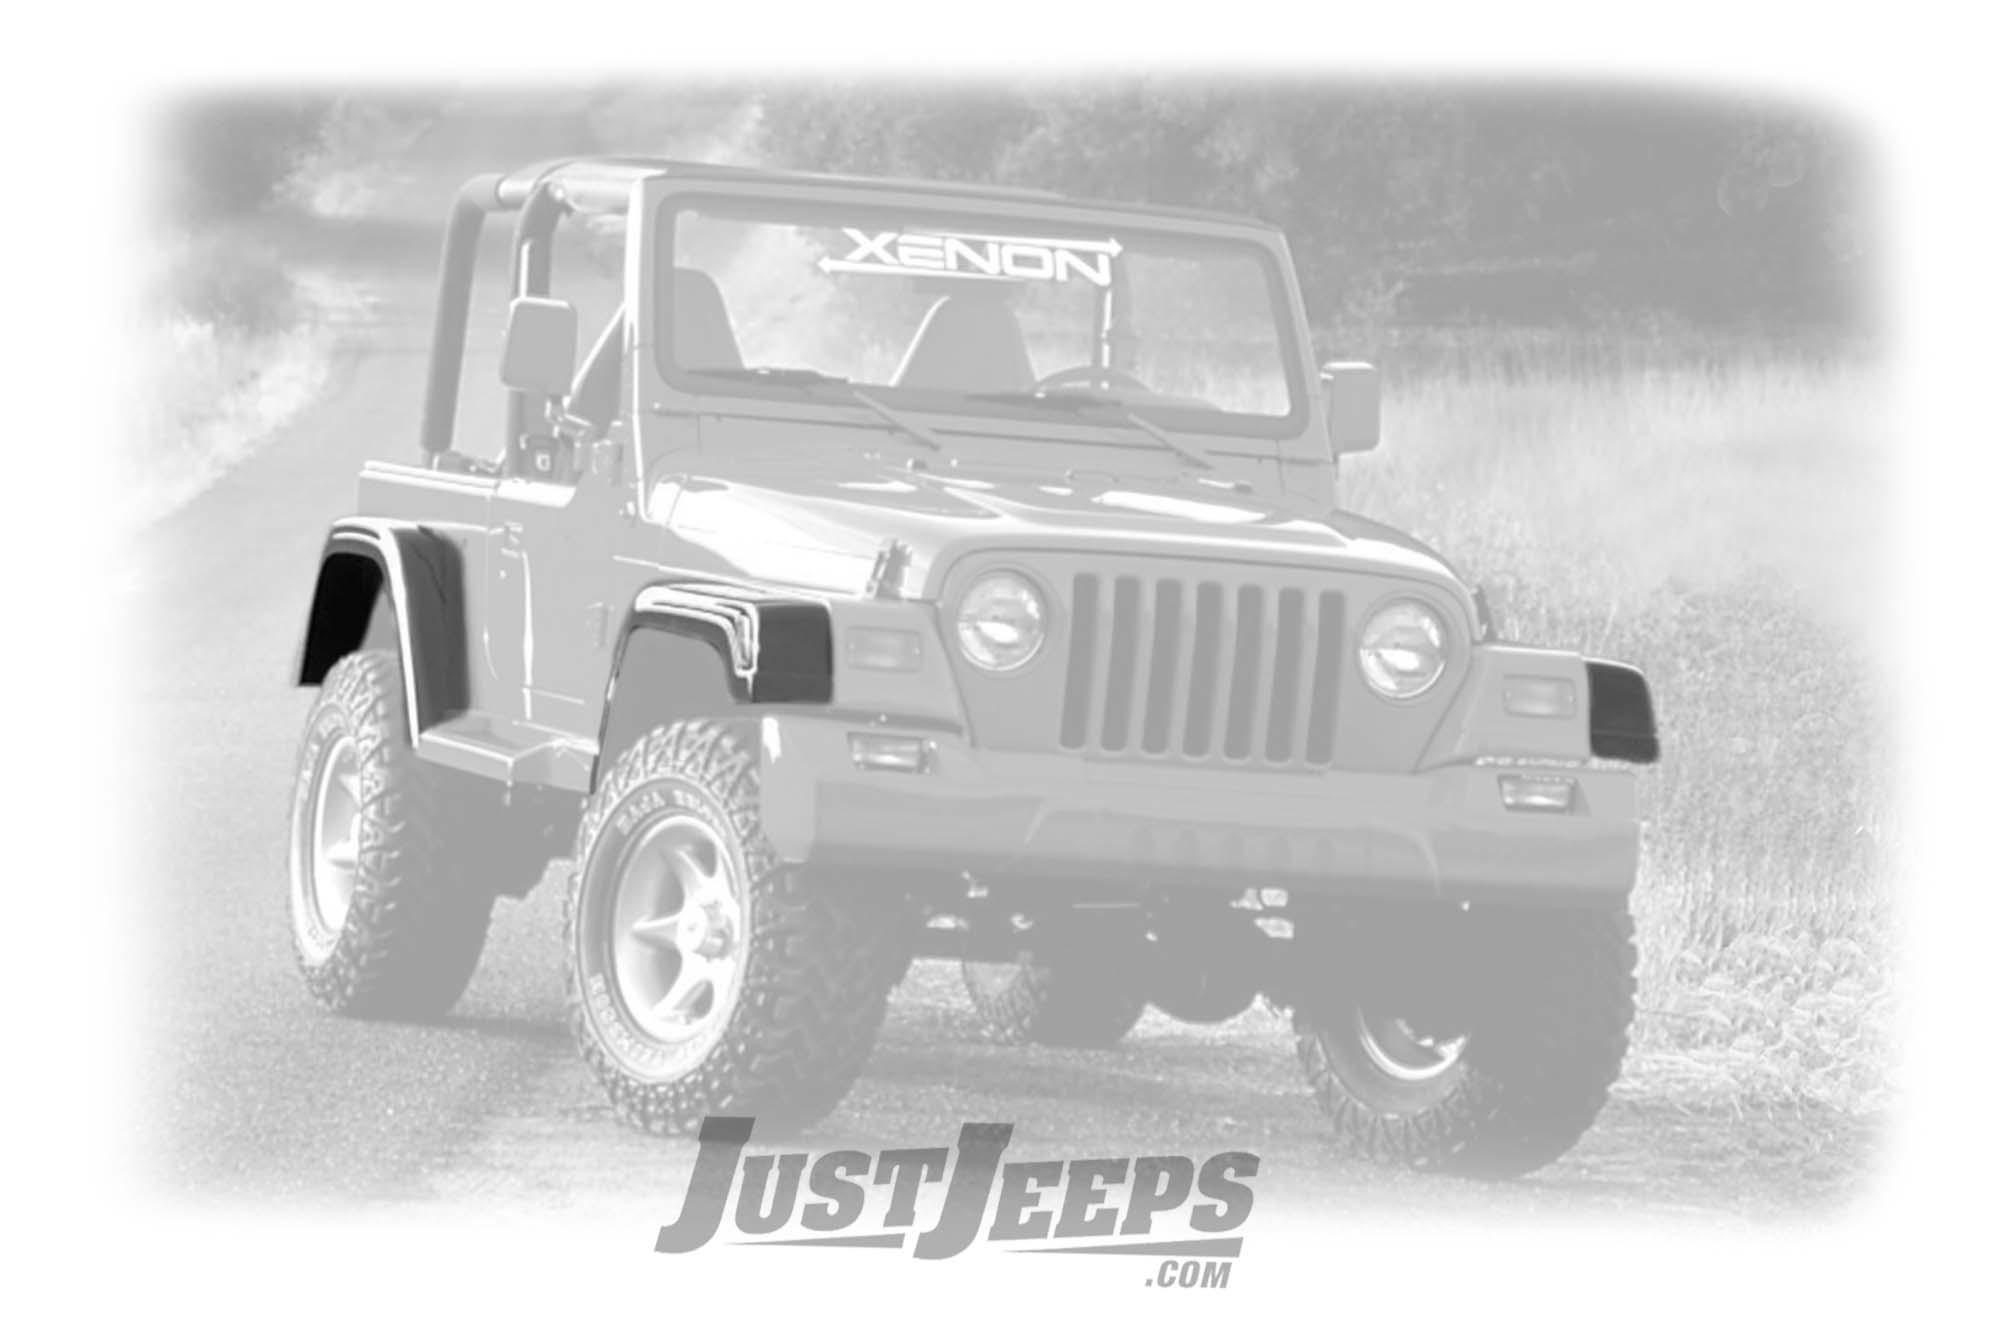 """Xenon EZ Mount 6"""" Fender Flare Set For 1997-06 Jeep Wrangler TJ & TLJ Unlimited Models"""